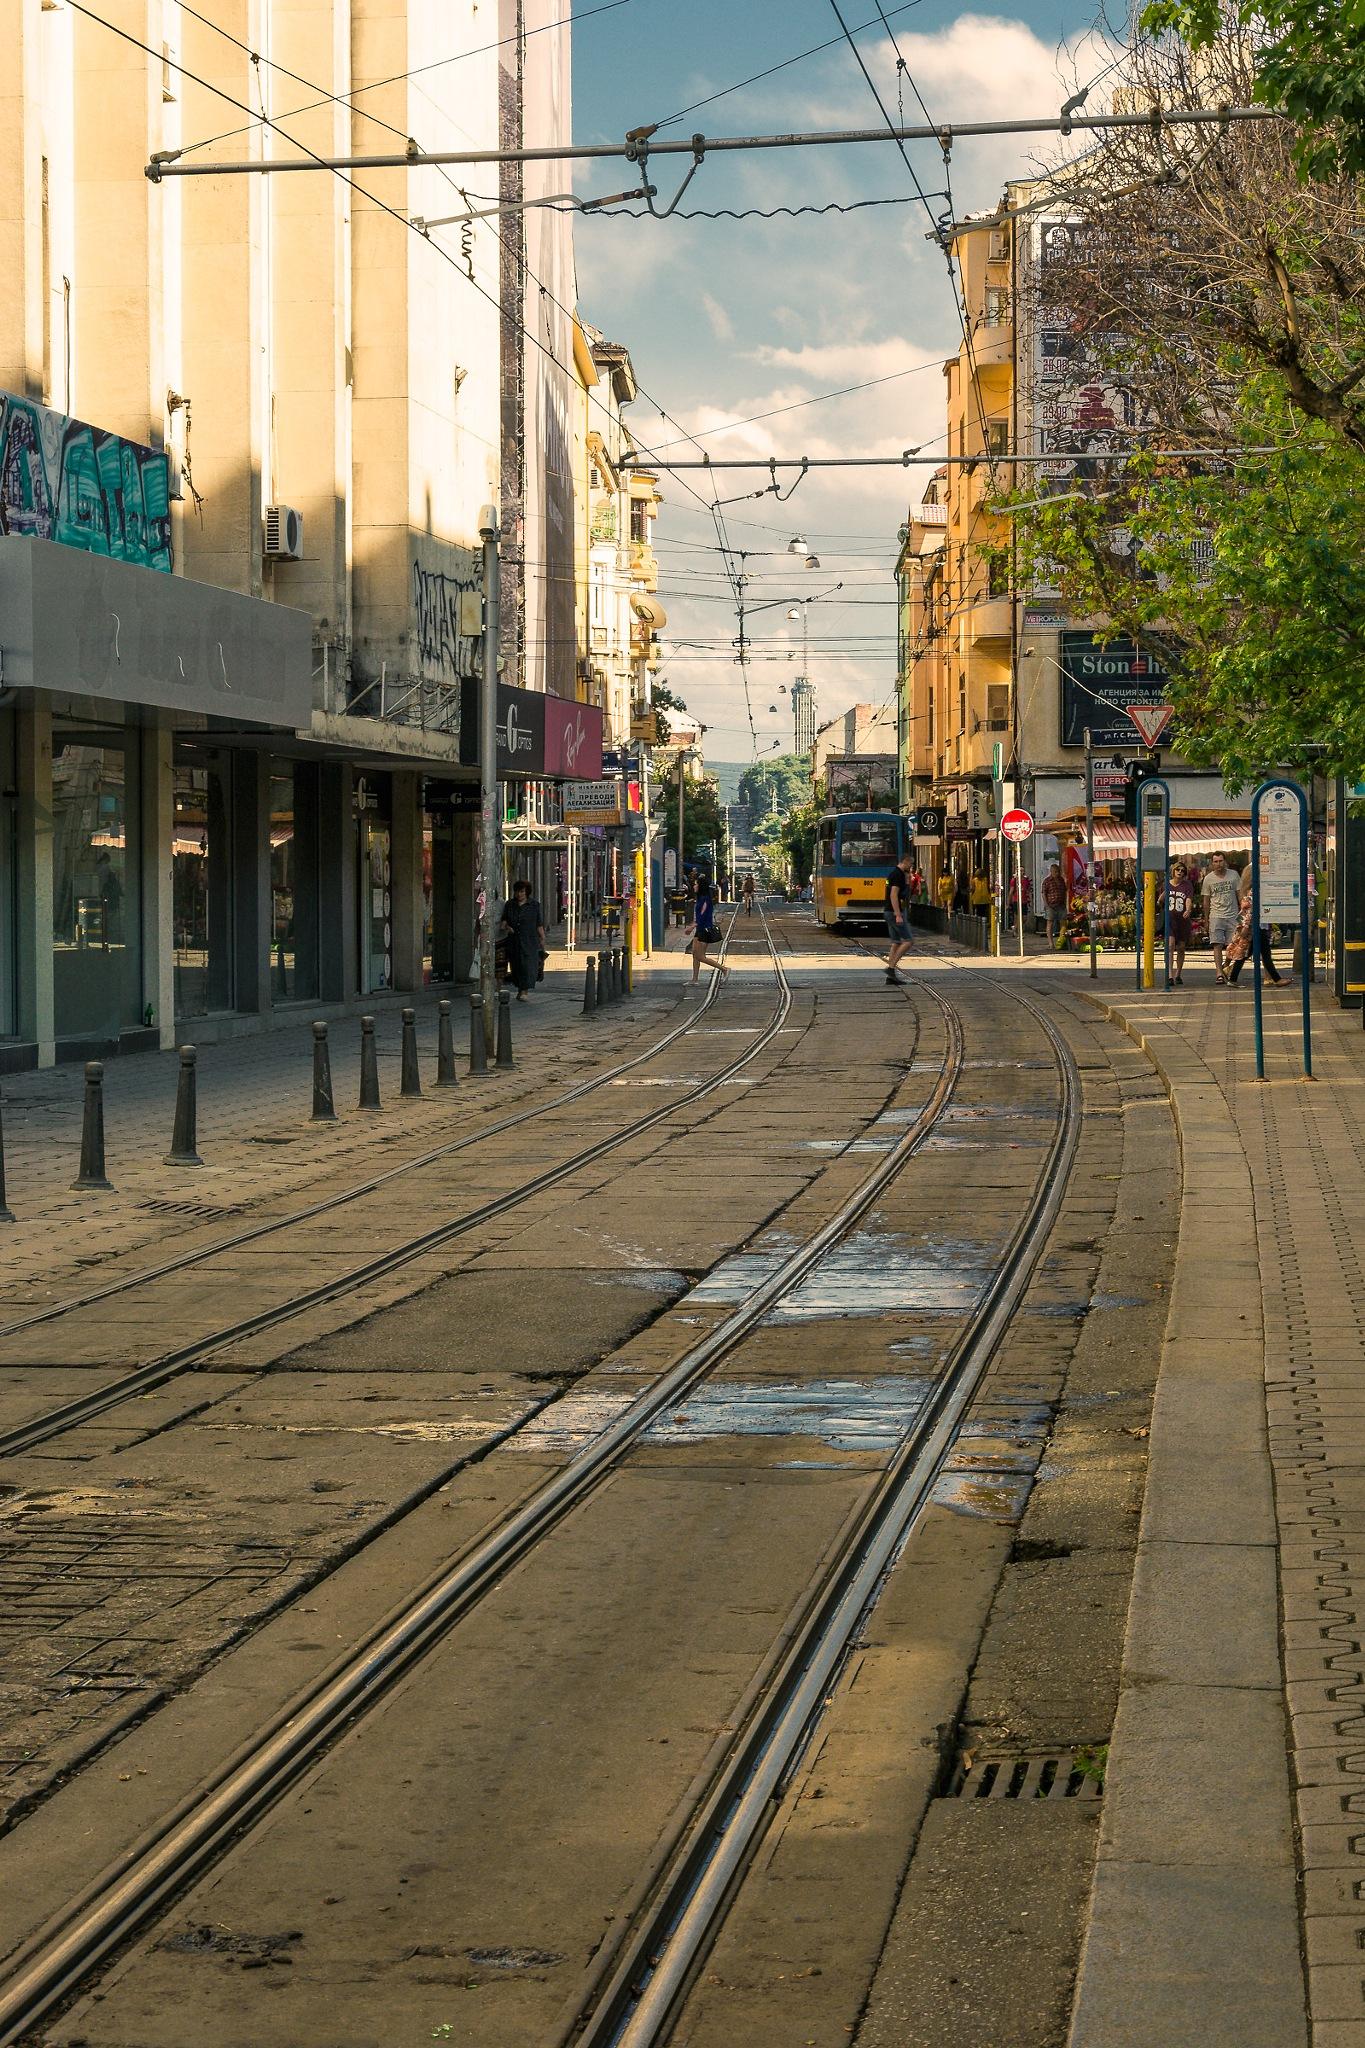 Sofia city, Bulgaria by vladimir.gavrilov.792